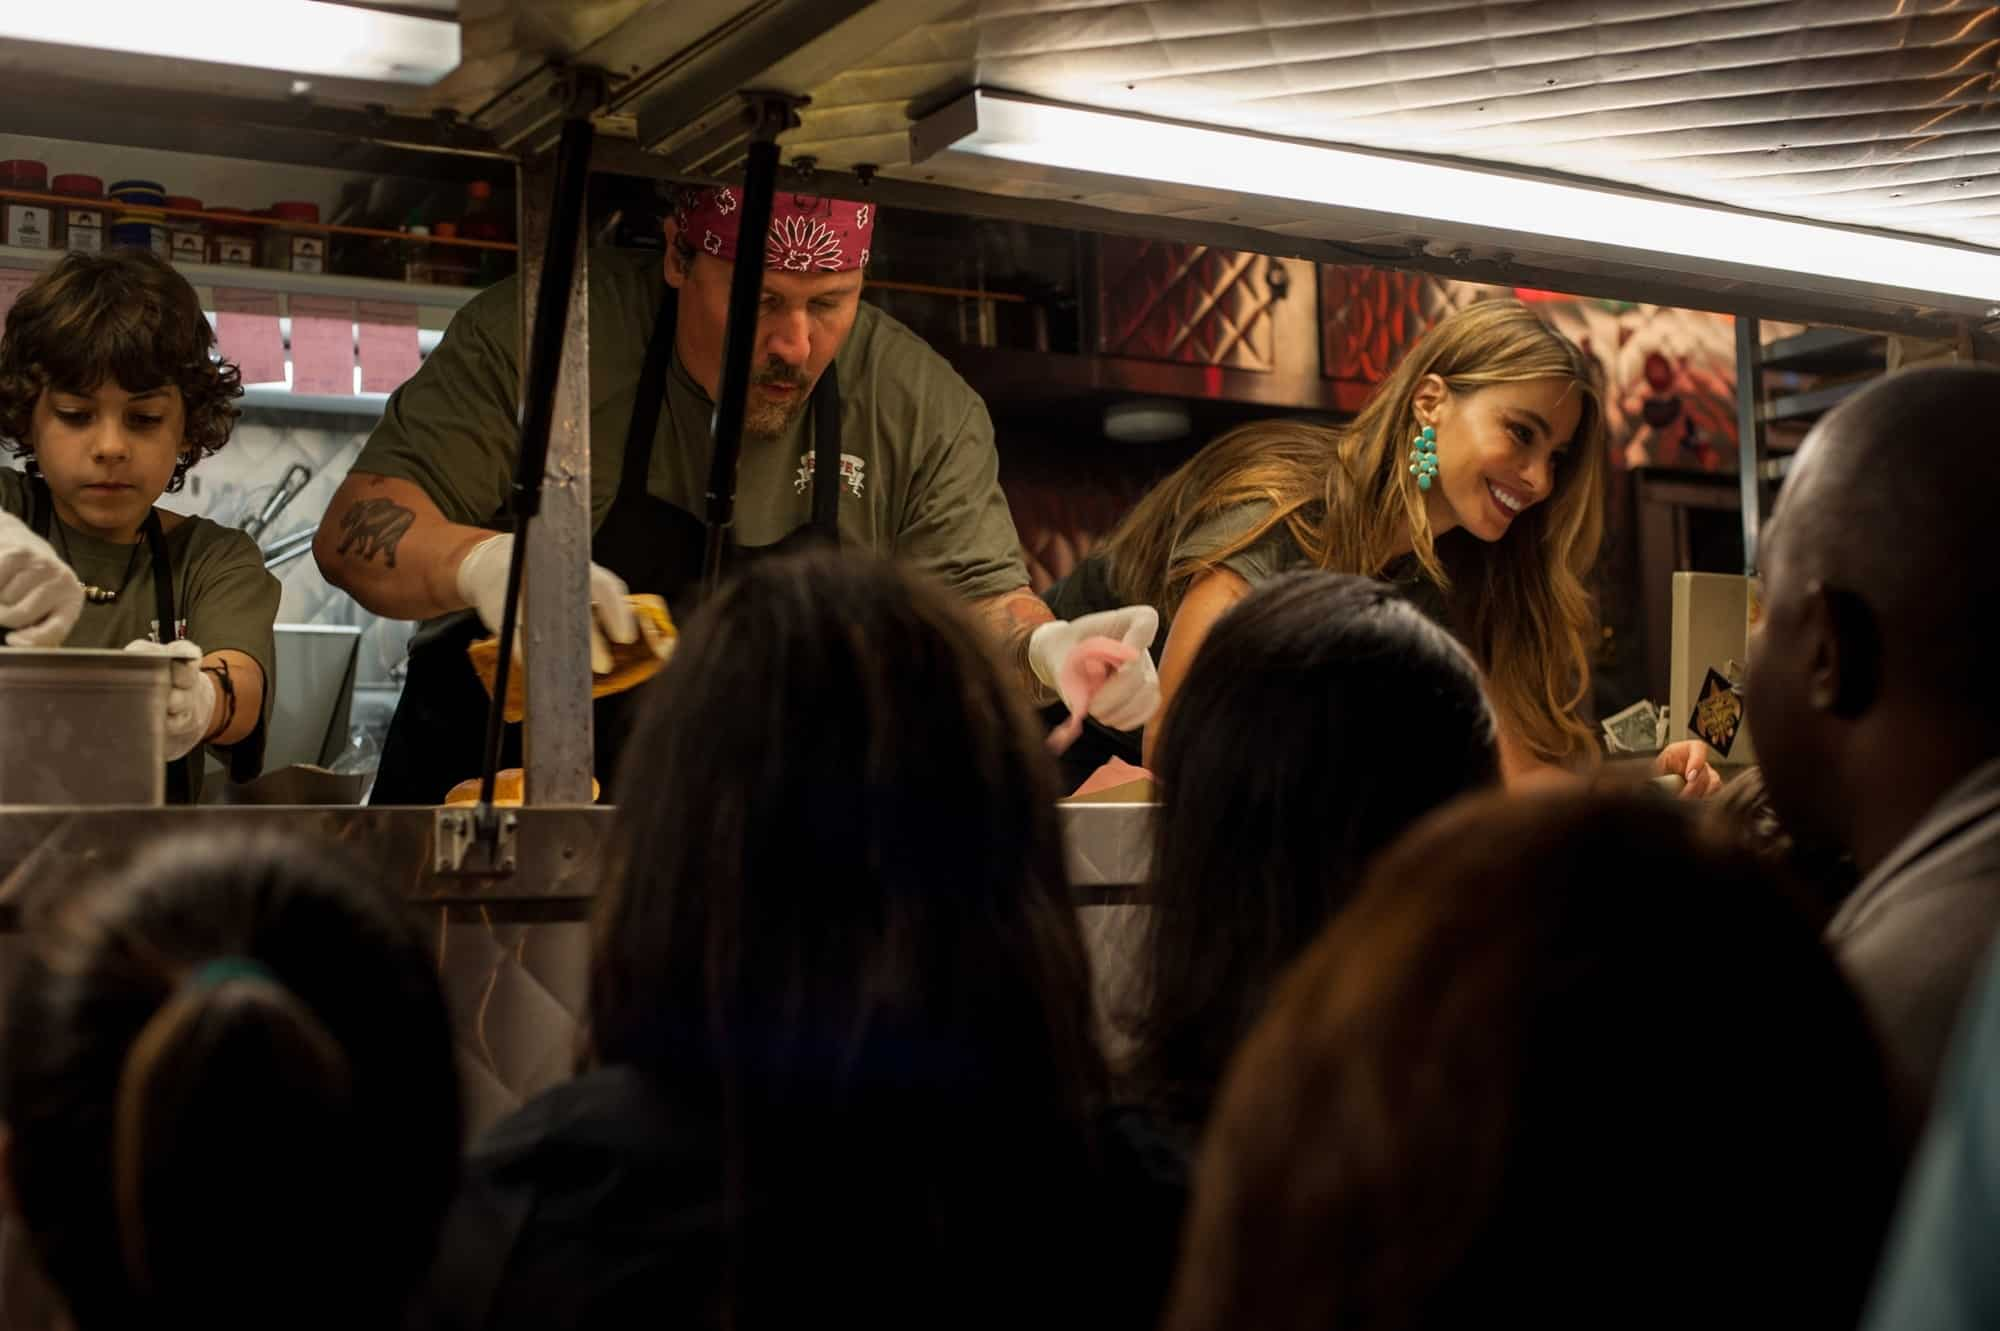 Från filmen Chef. Folk köar utanför en vagn som säljer mat.